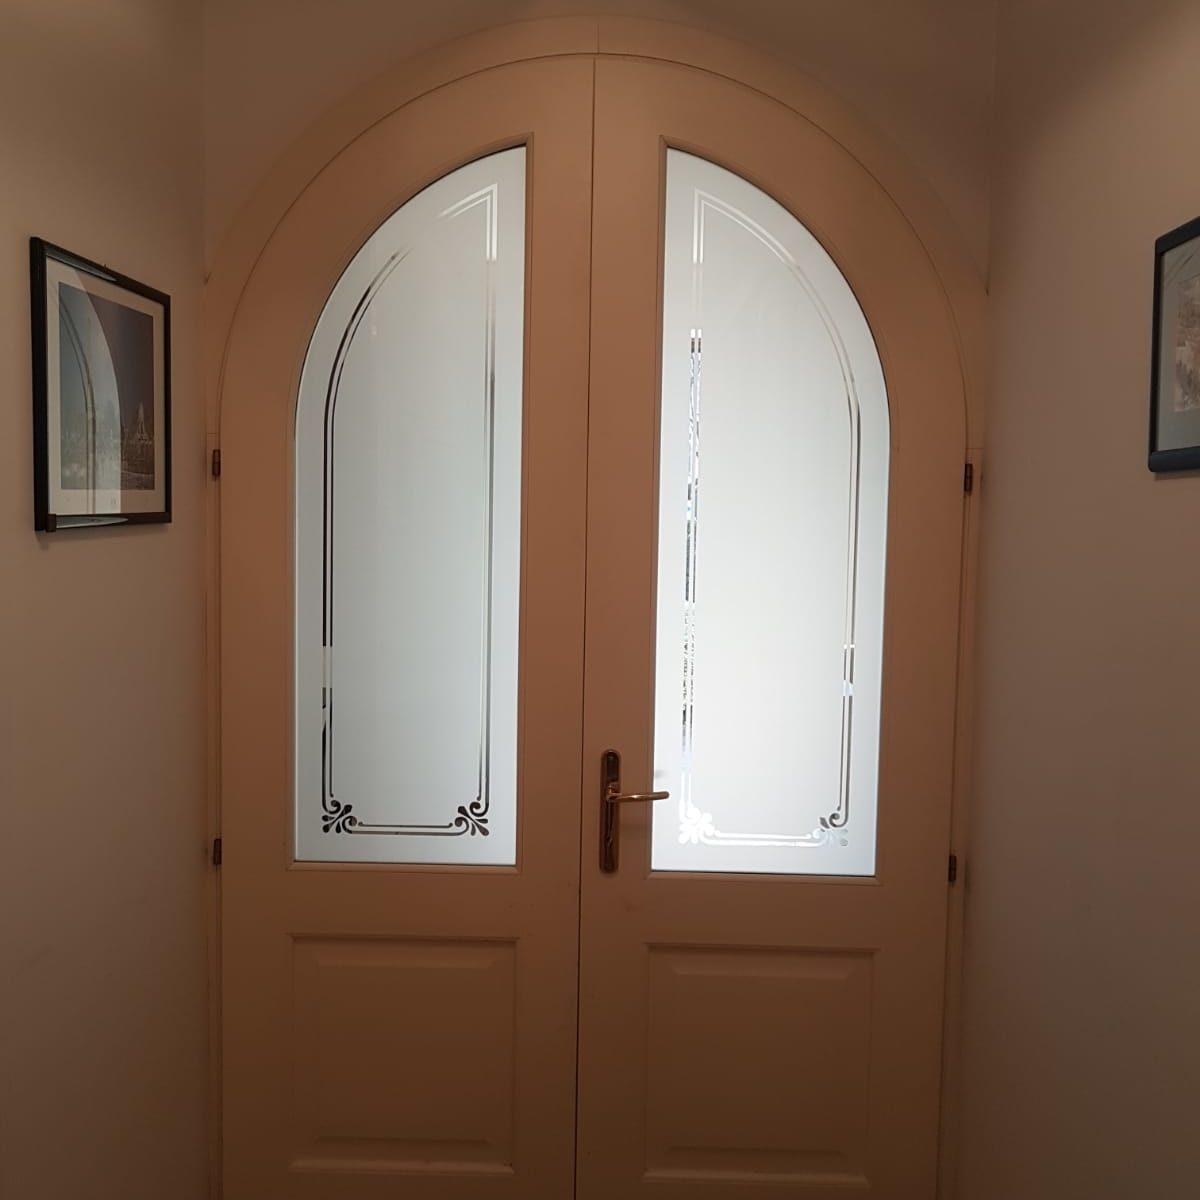 porta in legno con vetro decorato sabbiato